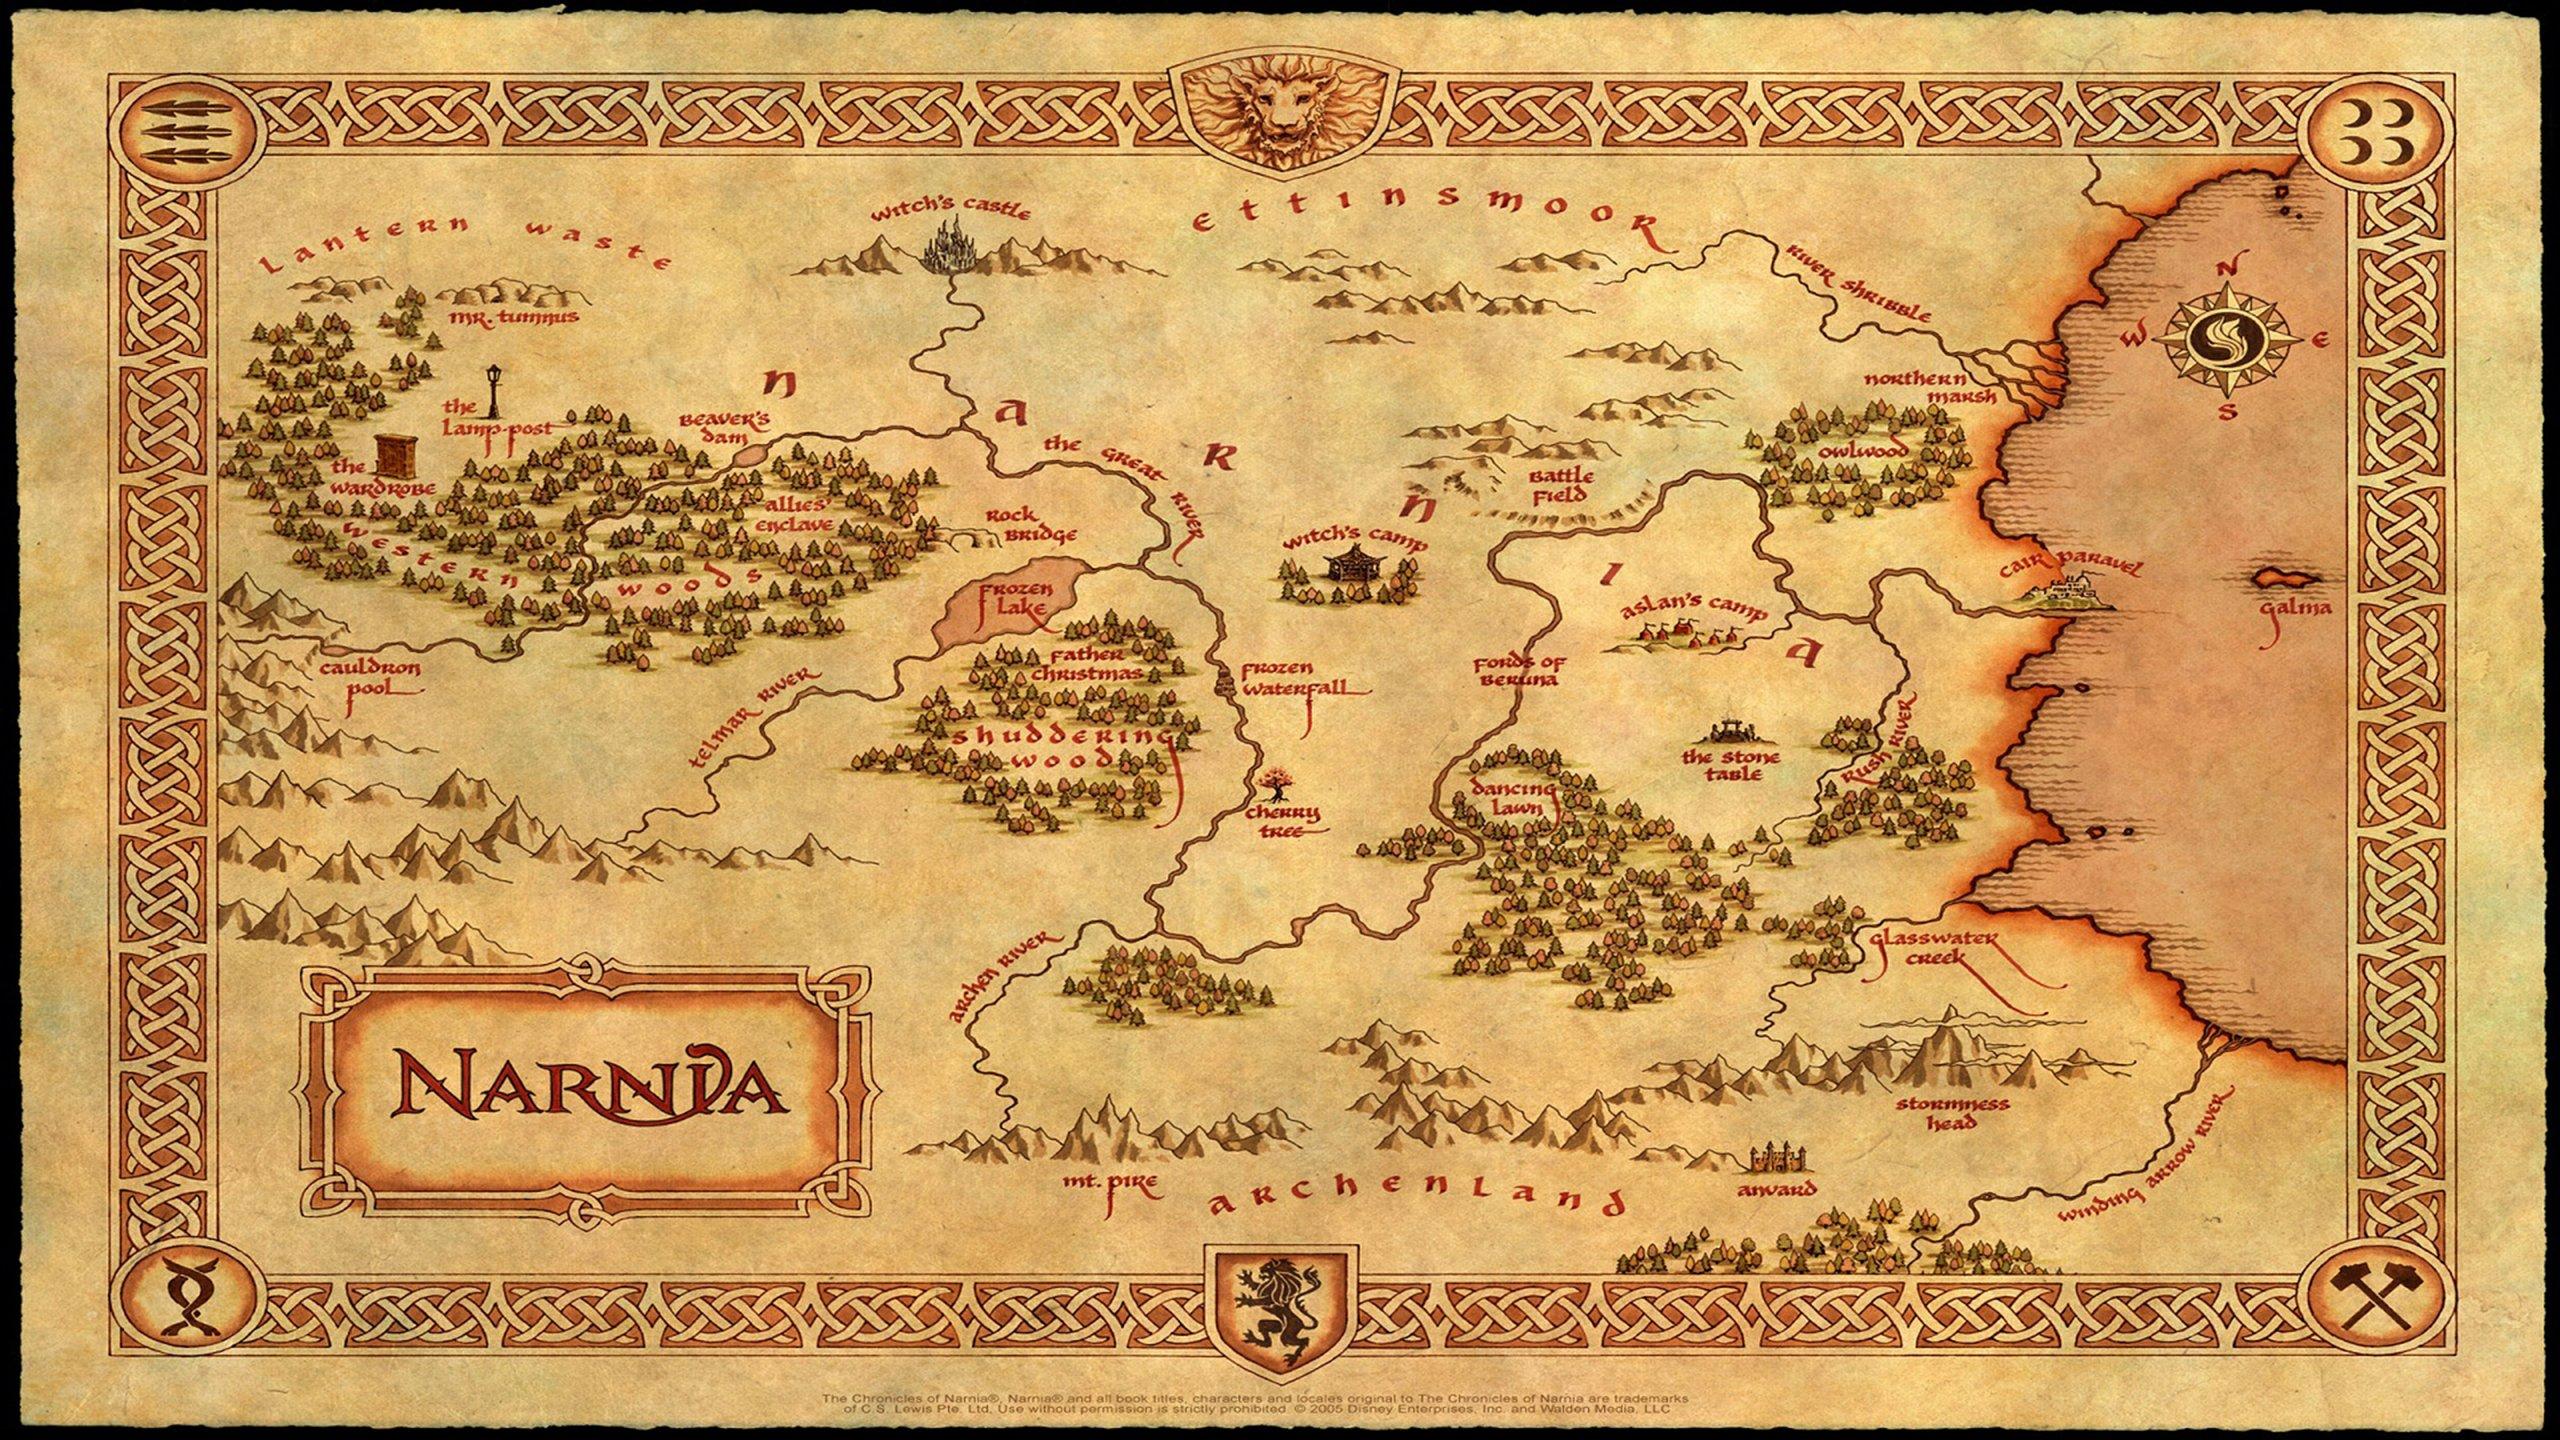 Narnia Map Wallpaper 2560x1440 395548 WallpaperUP